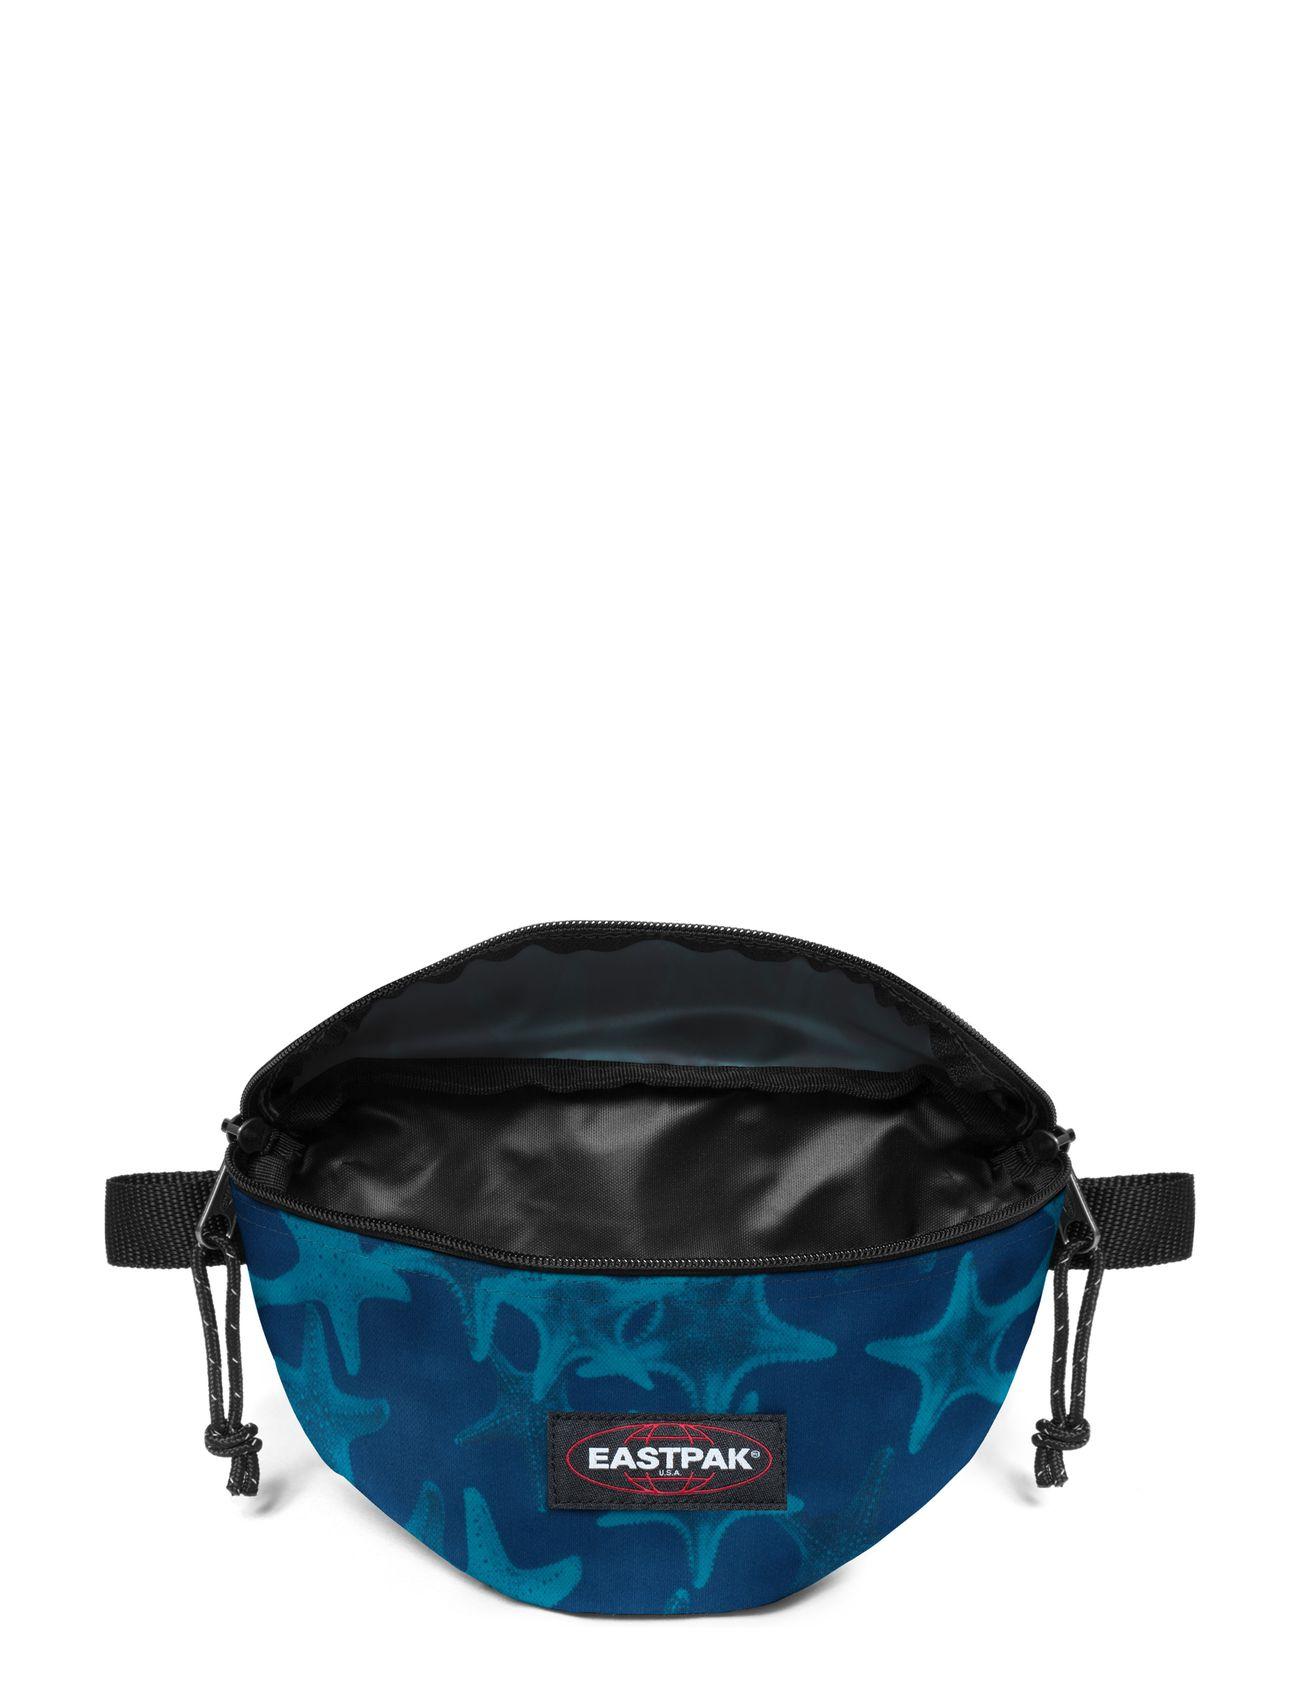 Eastpak Springer (Sea Stars) 134.50 kr | Stort utbud av designermärken Q9LFibbX